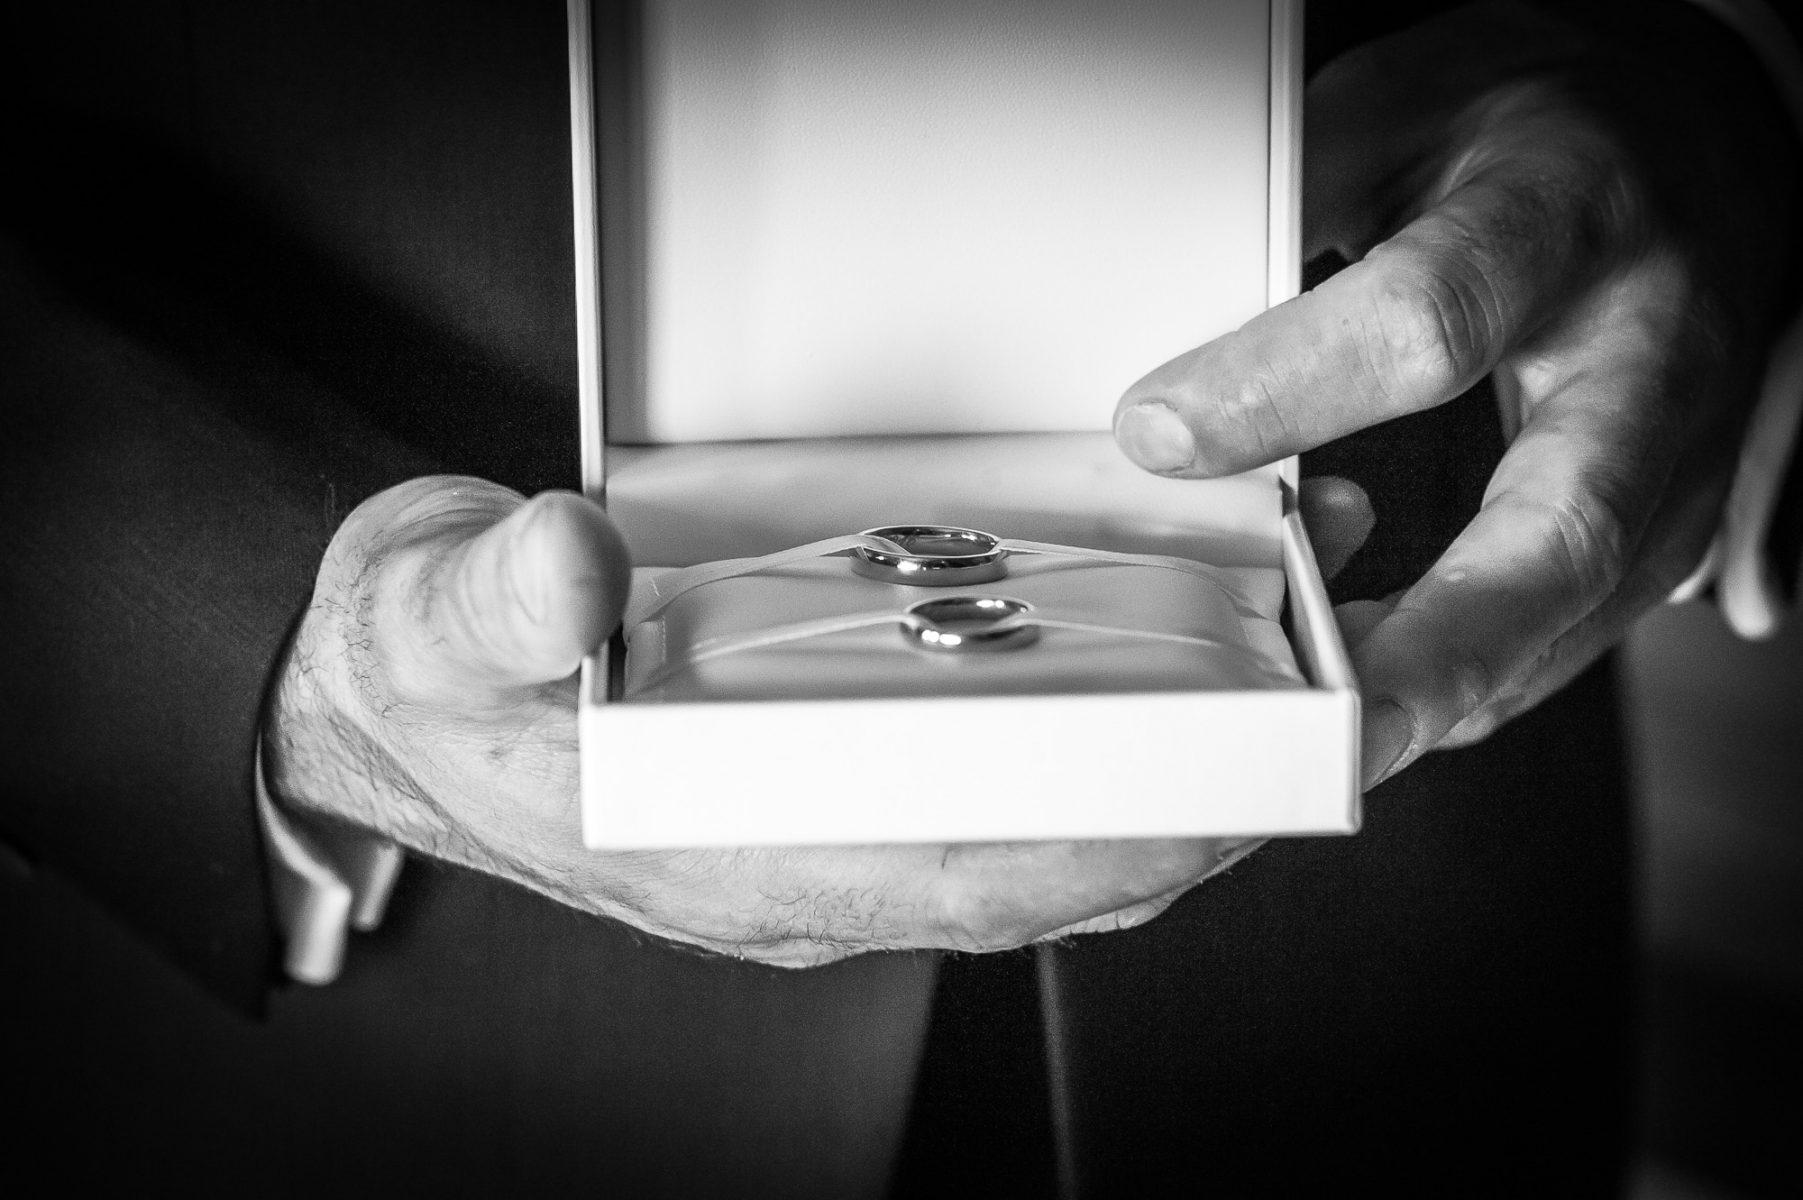 Hochzeit B2000  221223 081 1803x1200 - DETAILS